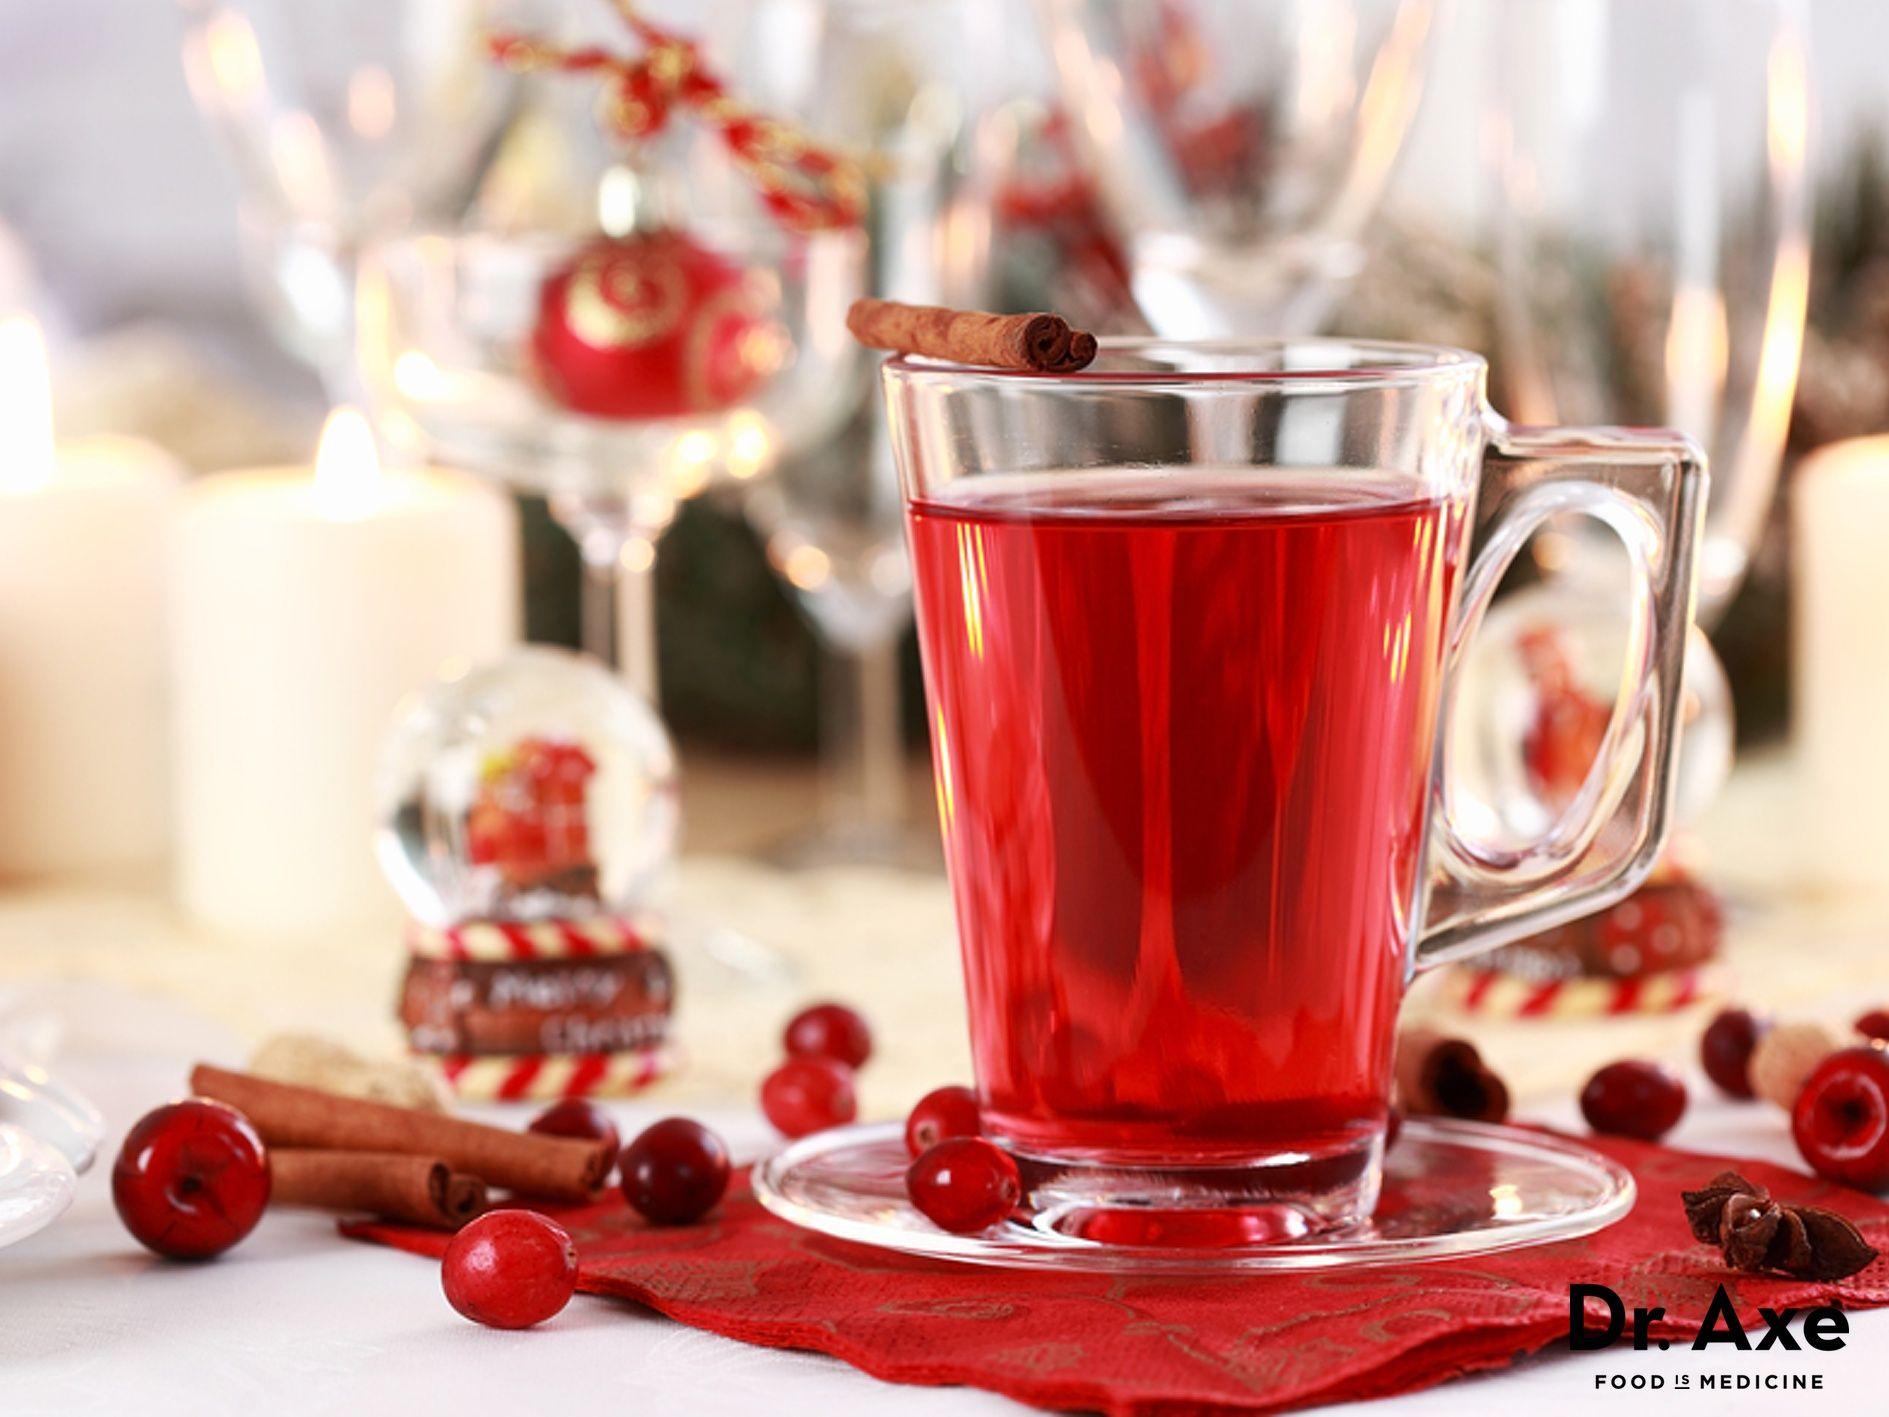 Cranberry Apple Cider Recipe Cranberry recipes, Food